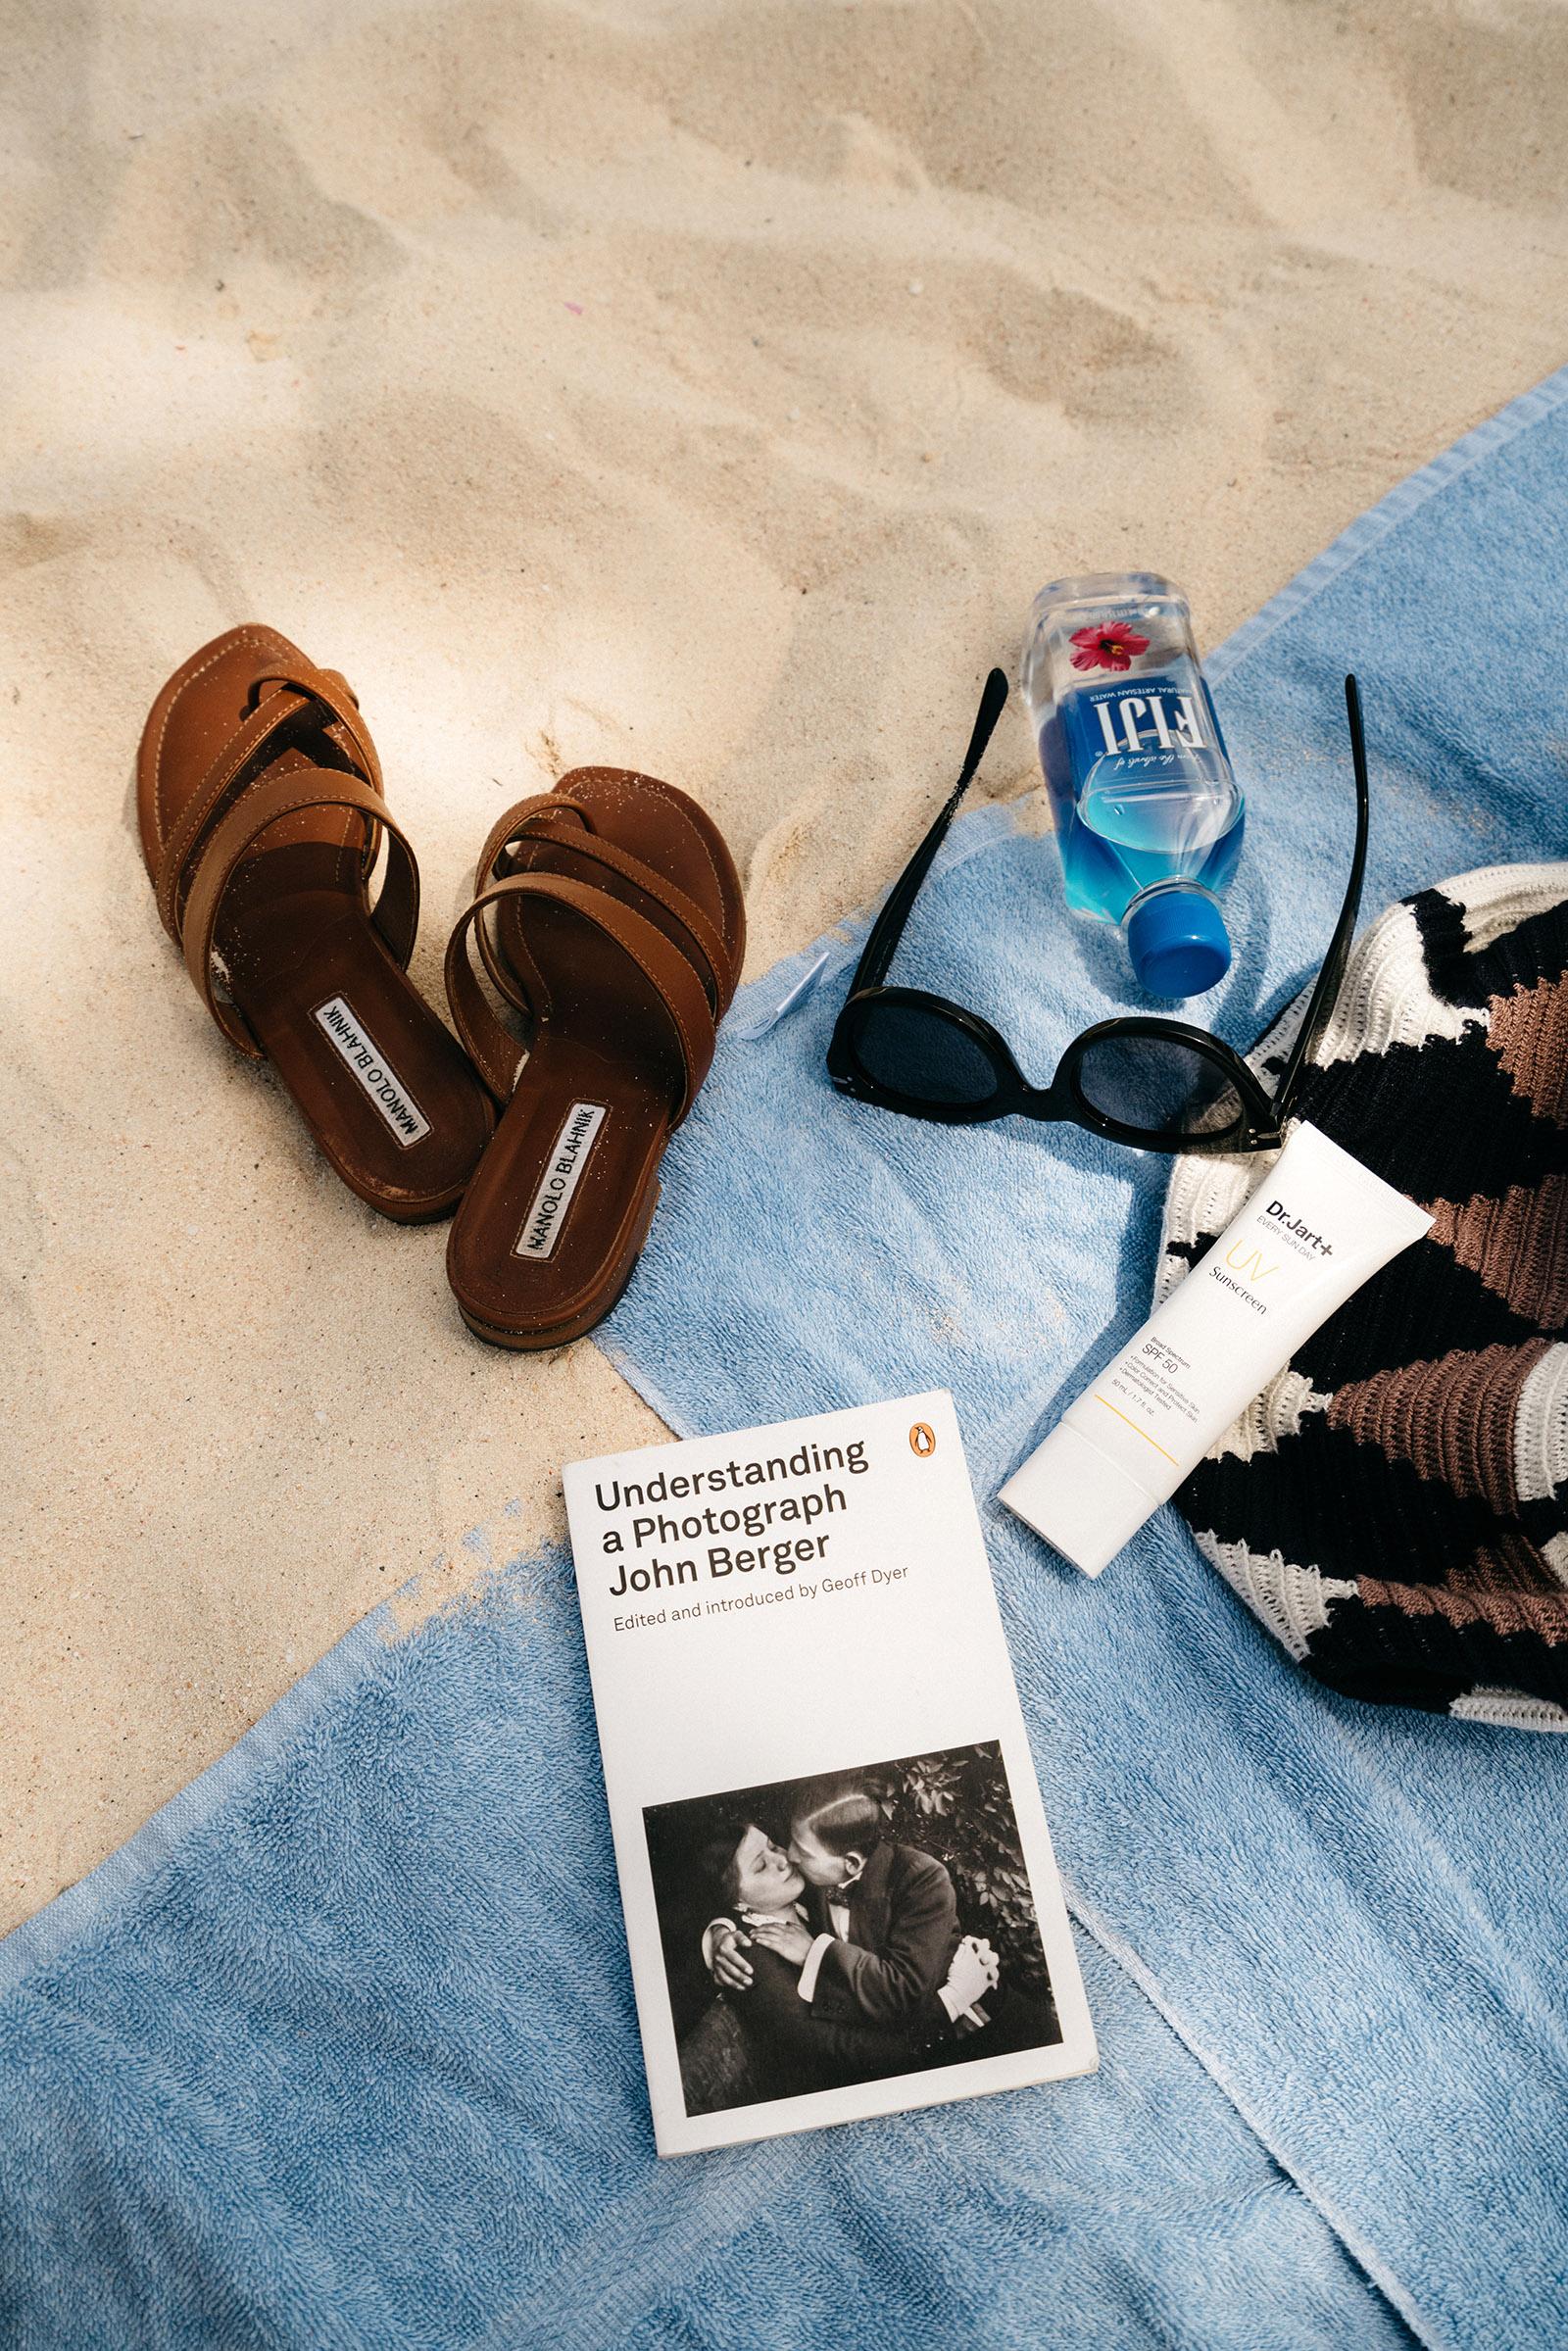 Manolo Blahnik Sandals , Céline Sunglasses,  Dr. Jart Sunscreen ,  Sophie Anderson Bag ,  Understanding a Photograph